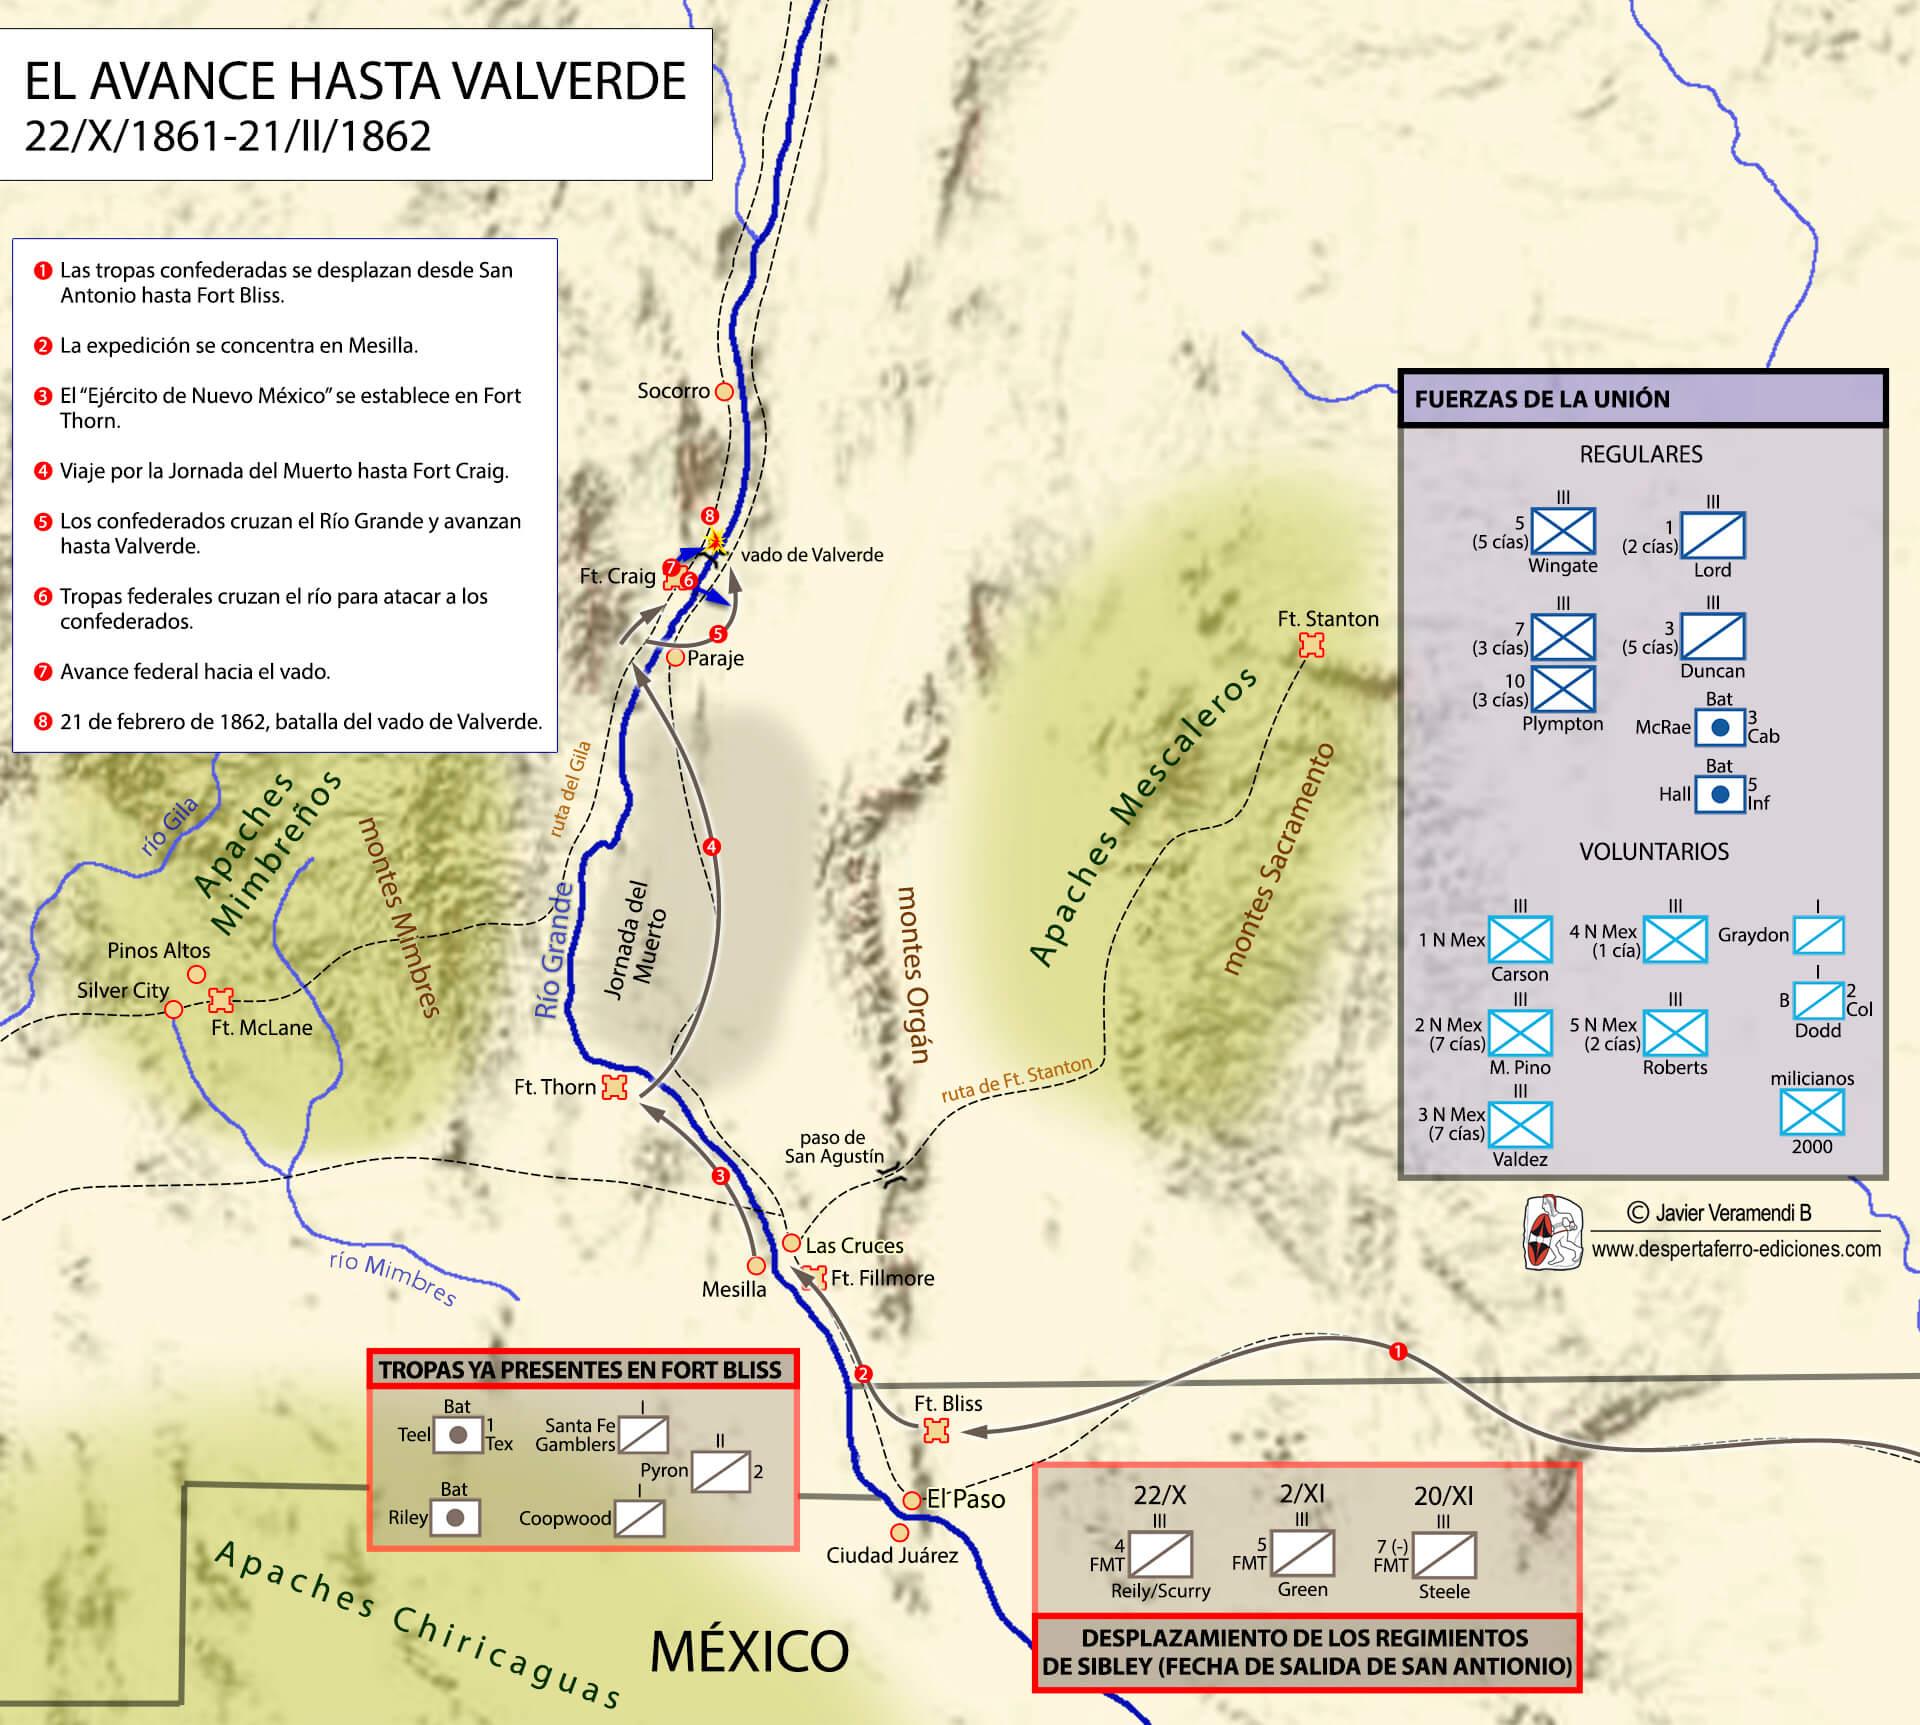 Imperio confederado en el río grande campaña de Valverde Texas Nuevo México